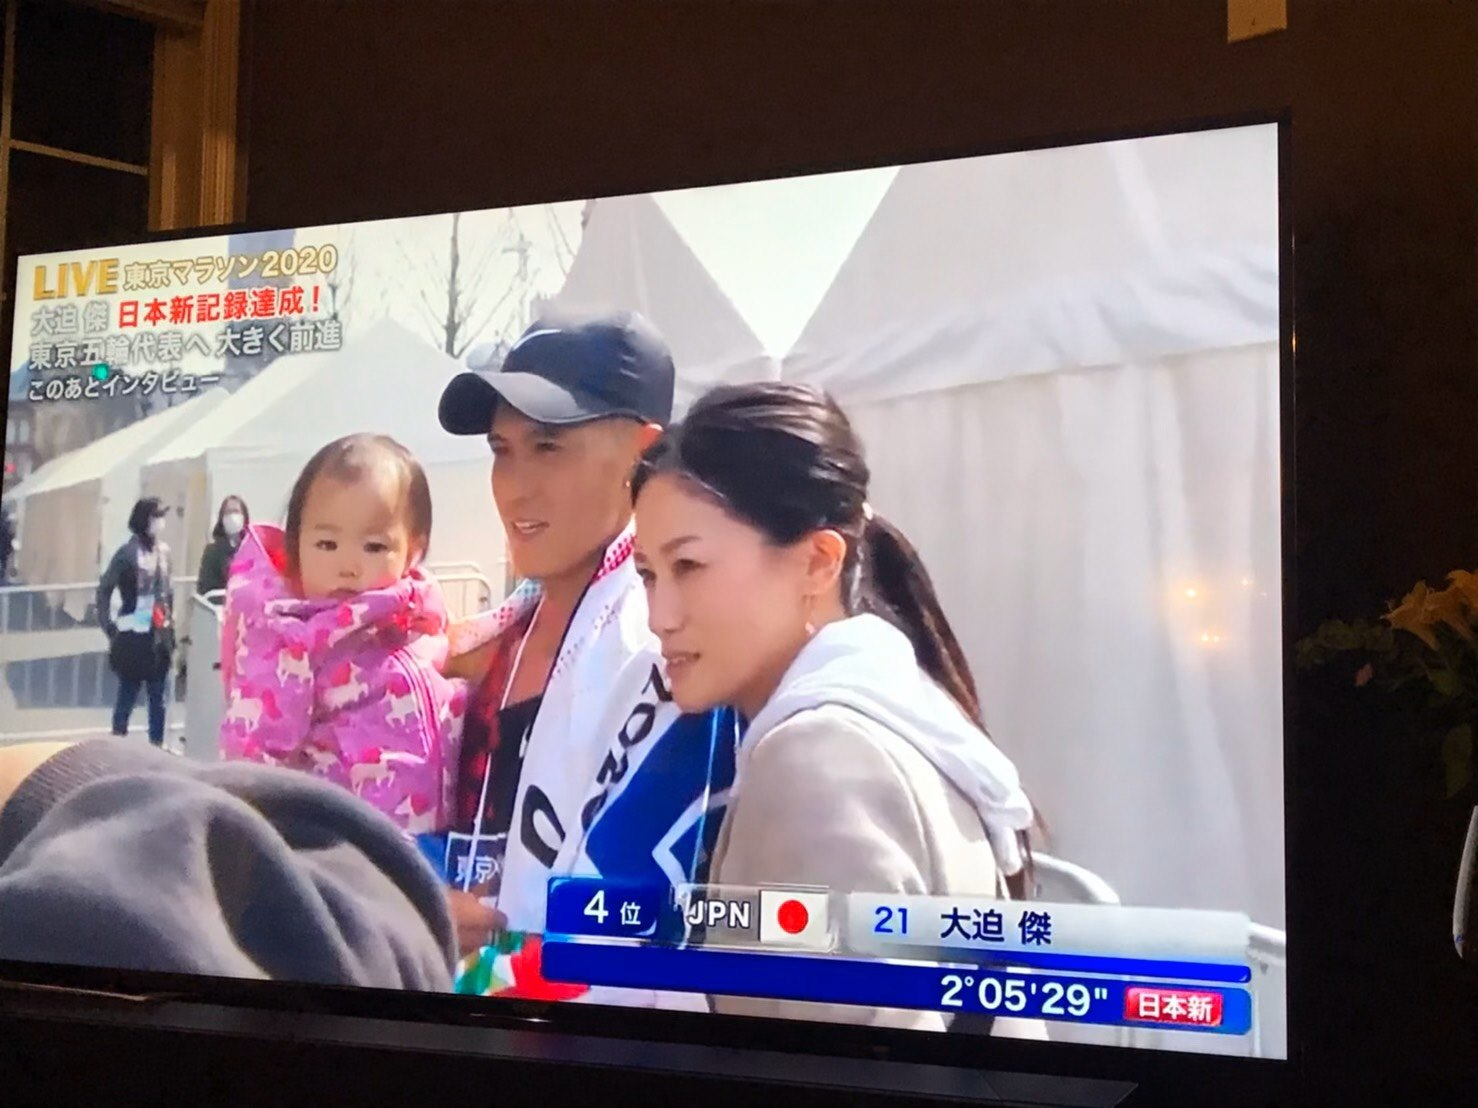 大迫傑選手おめでとうございます!!「日本新記録  2度目の樹立@東京マラソン2020」